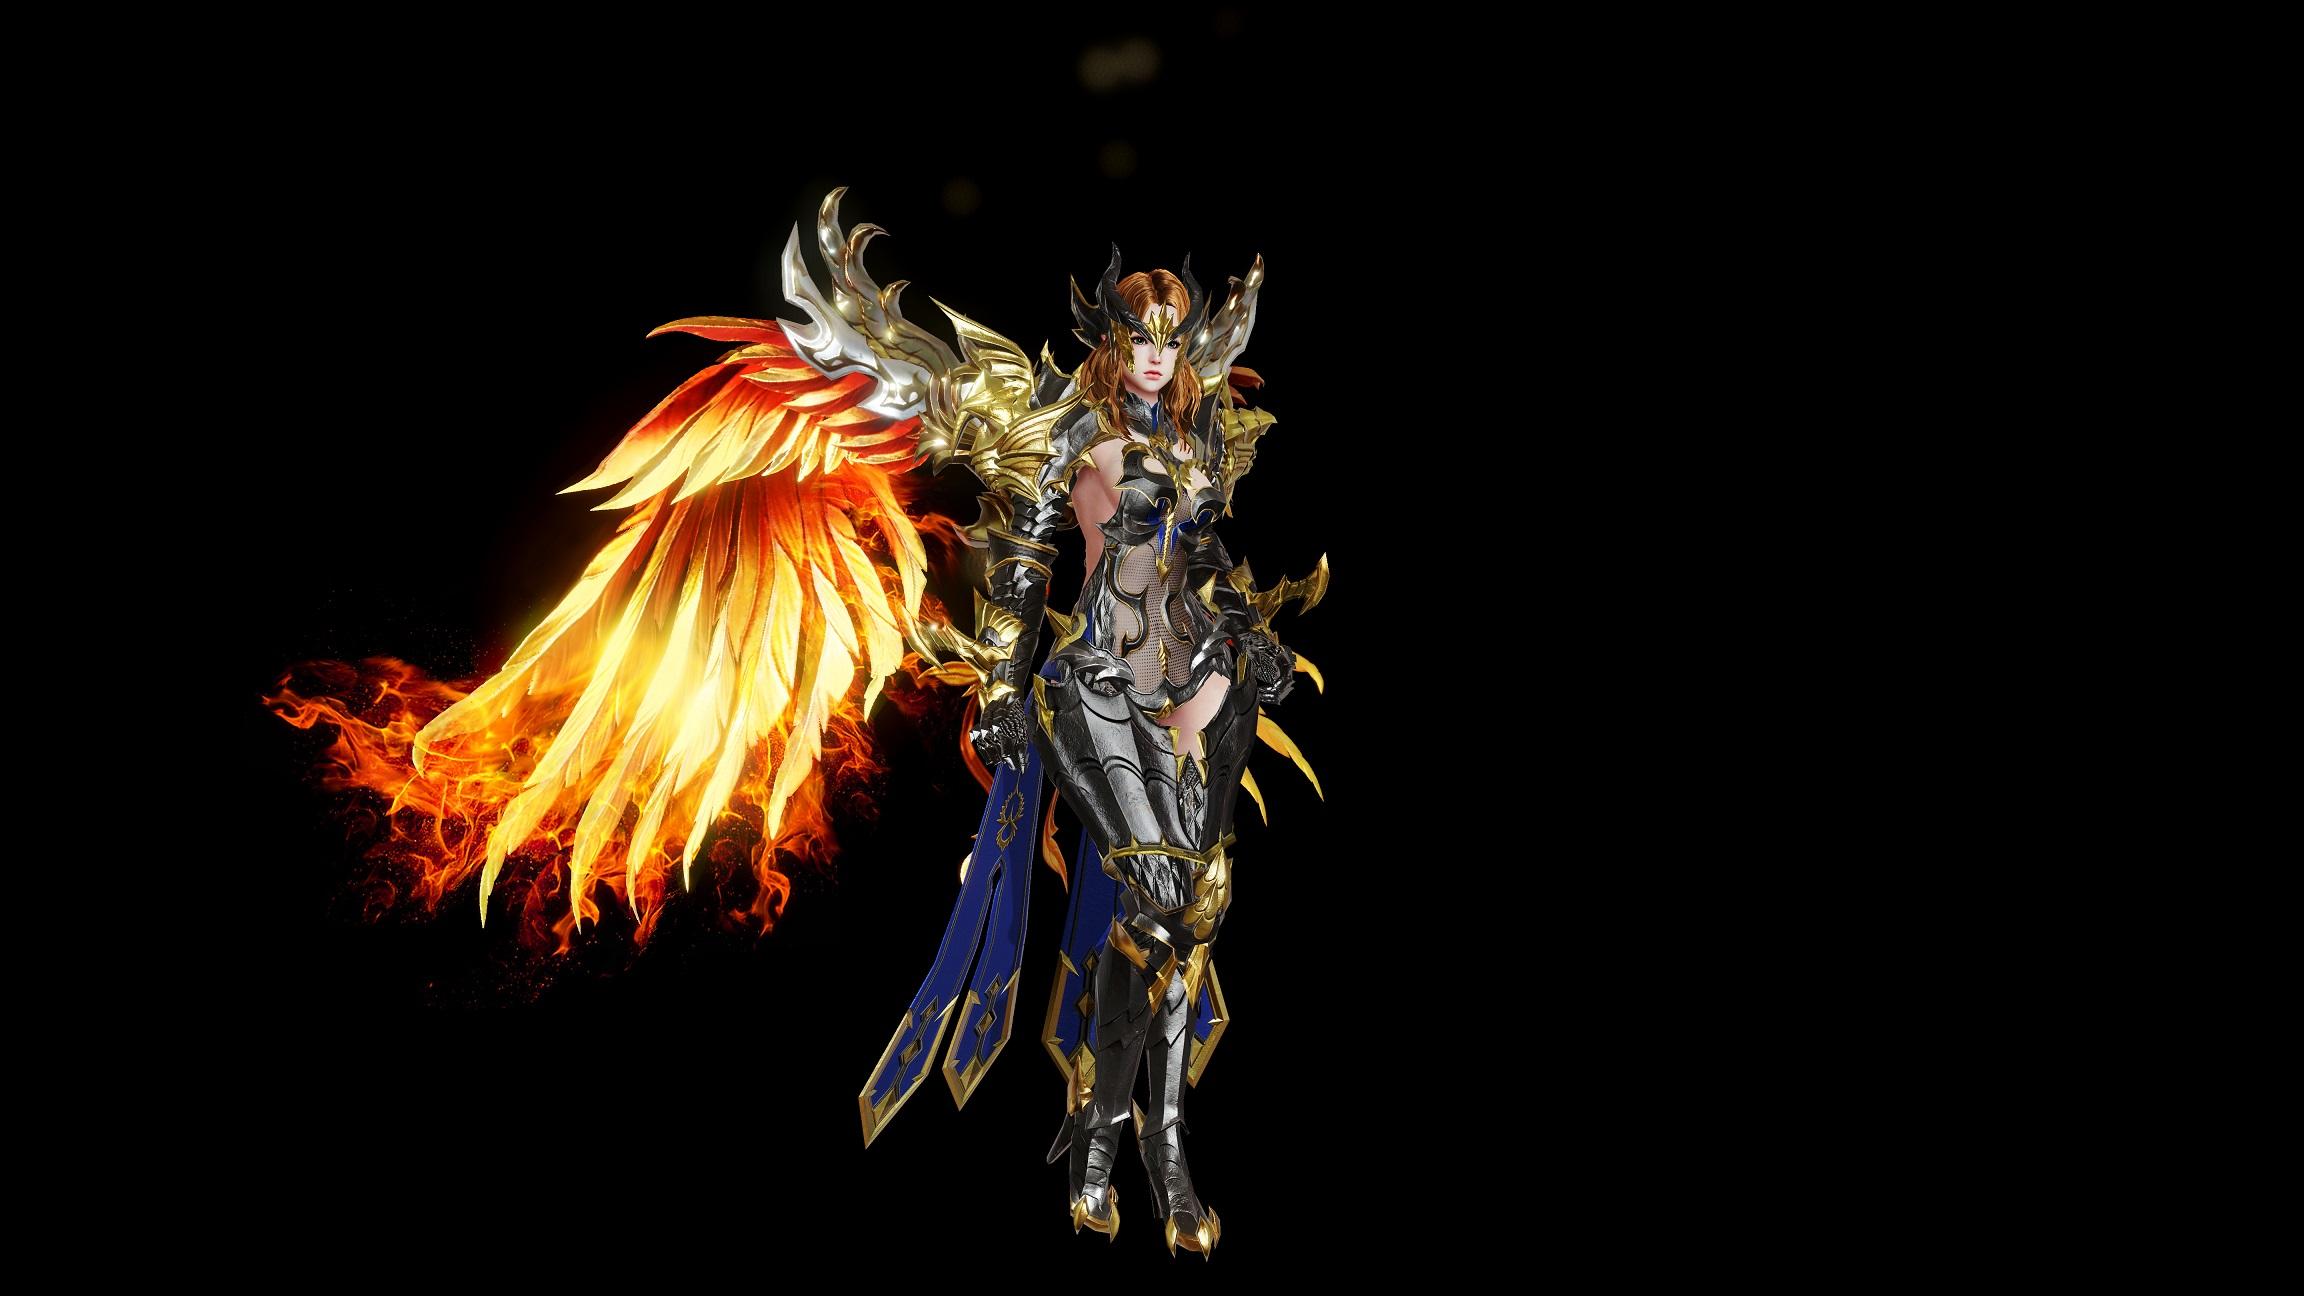 AxE_Wings 03